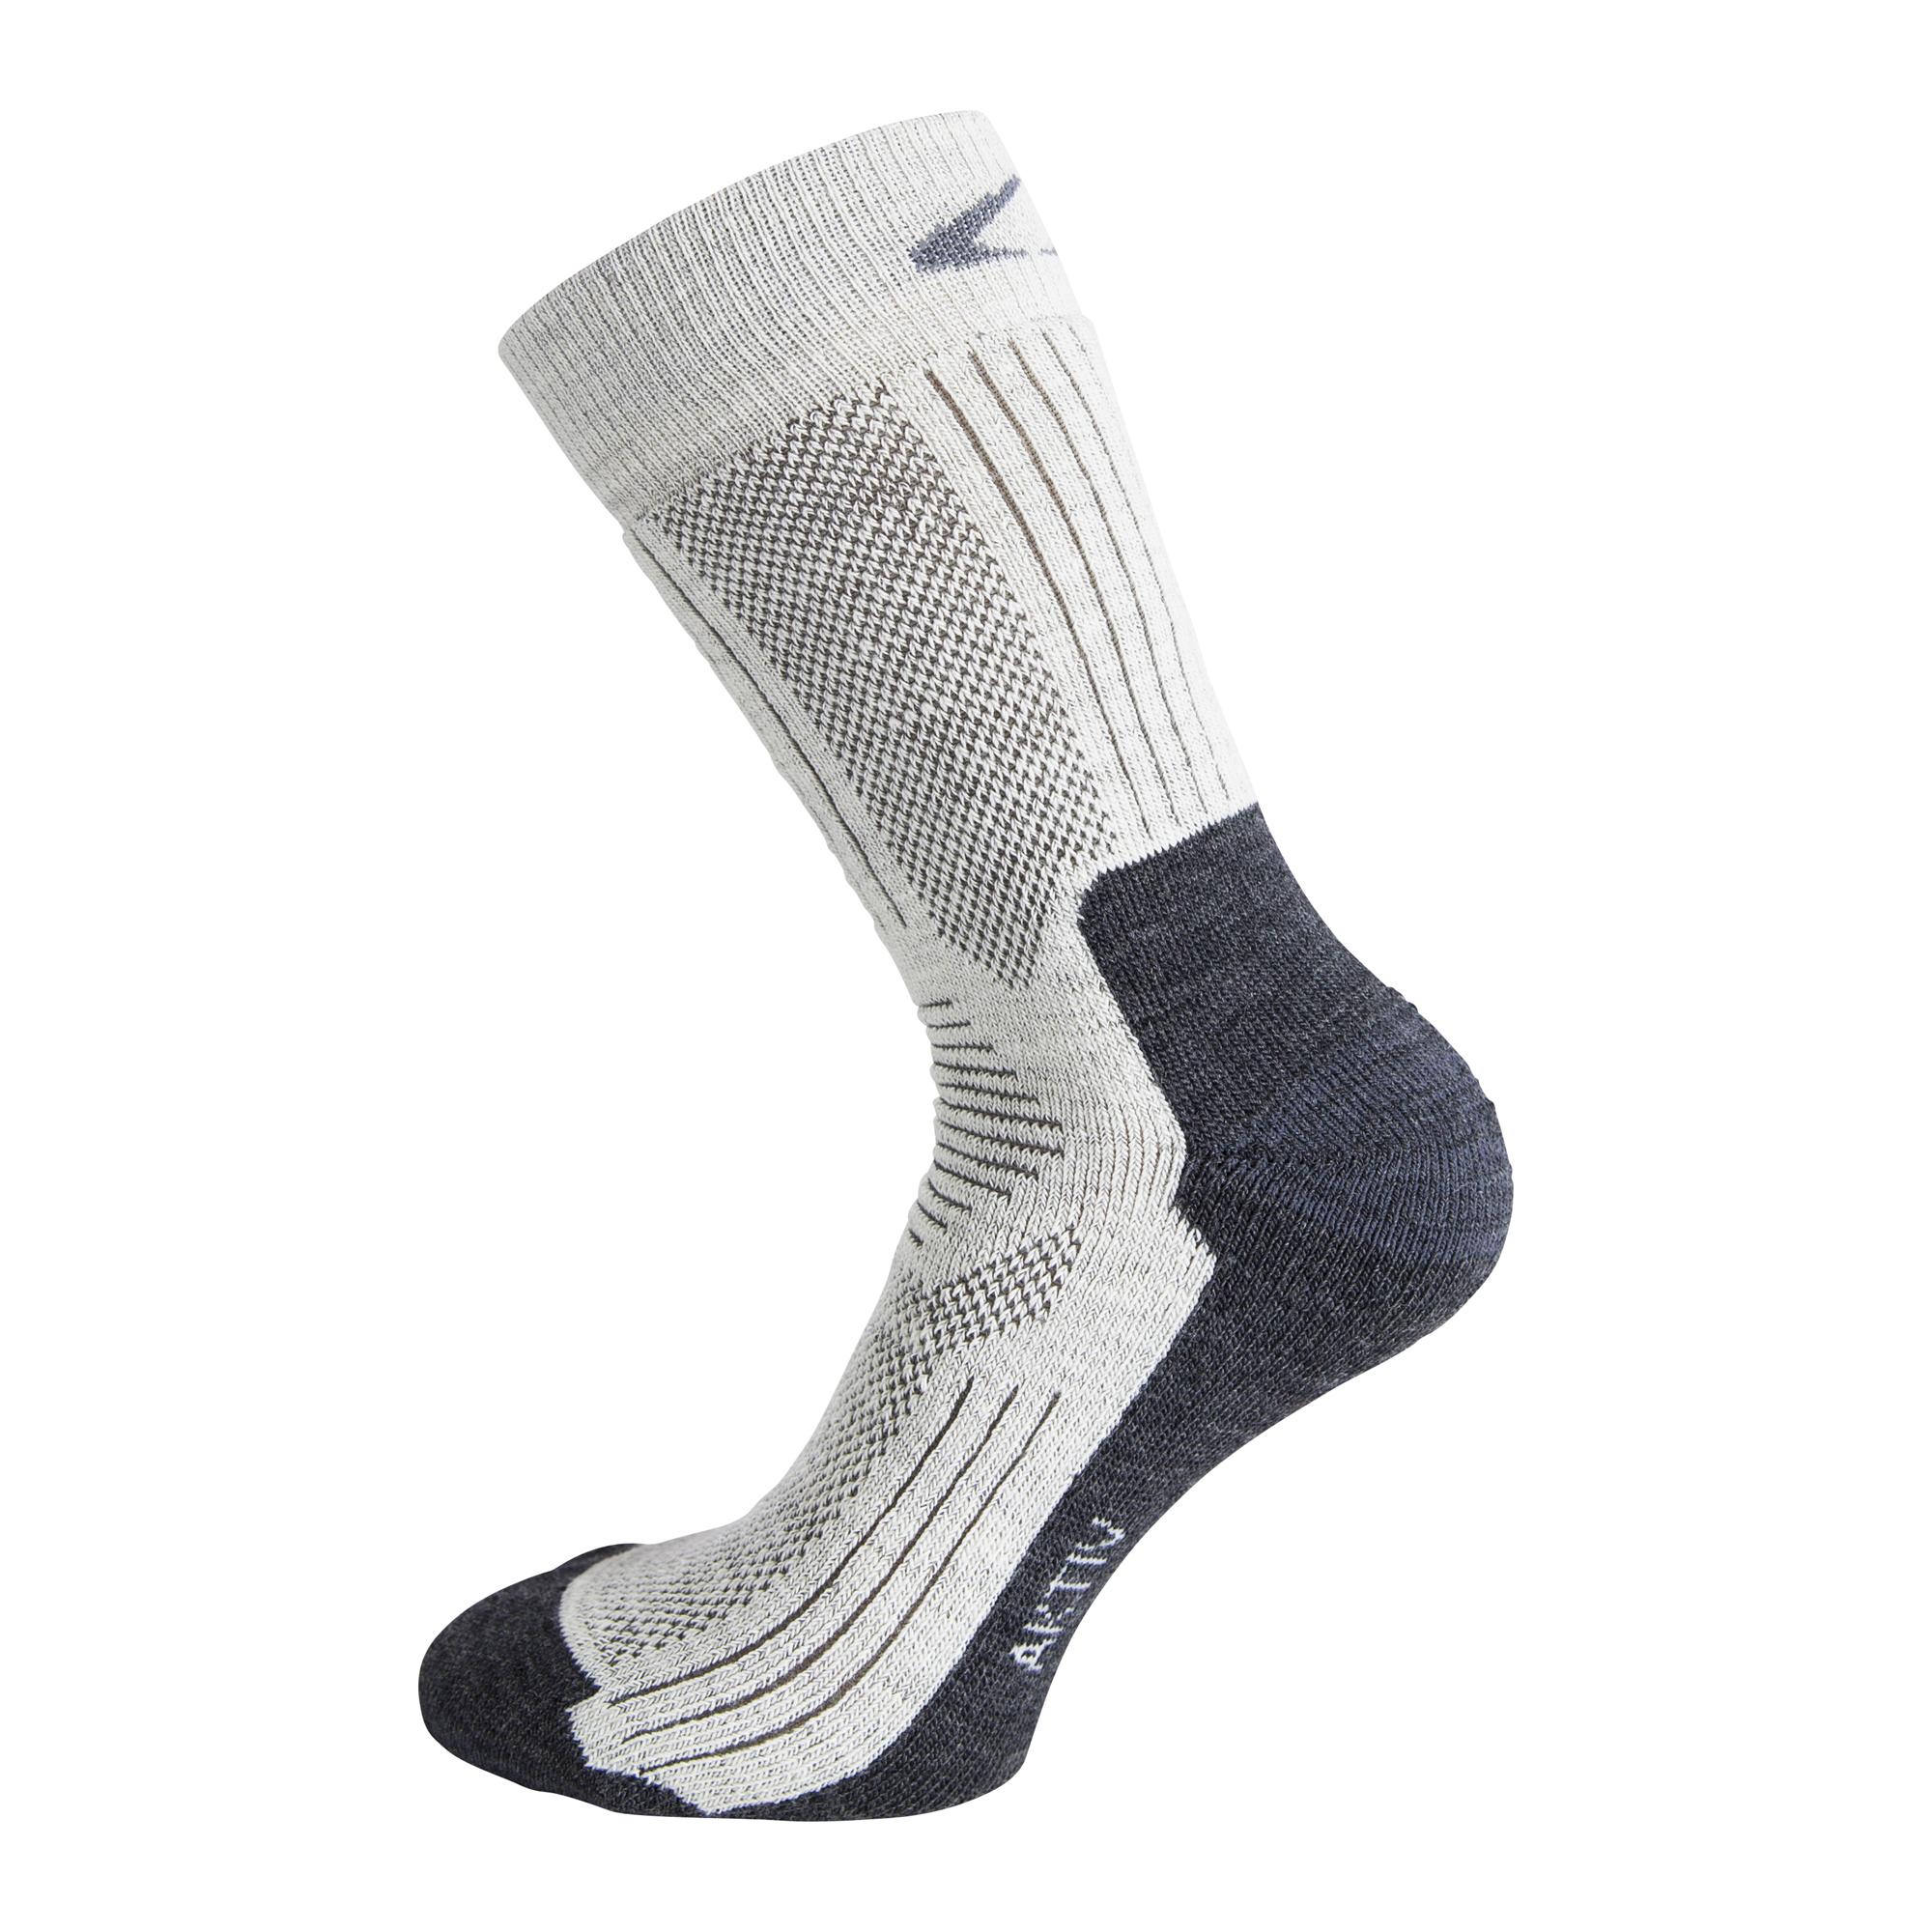 Ulvang Aktiv - Mediumtyk uldsok - Natur/Grå | Socks